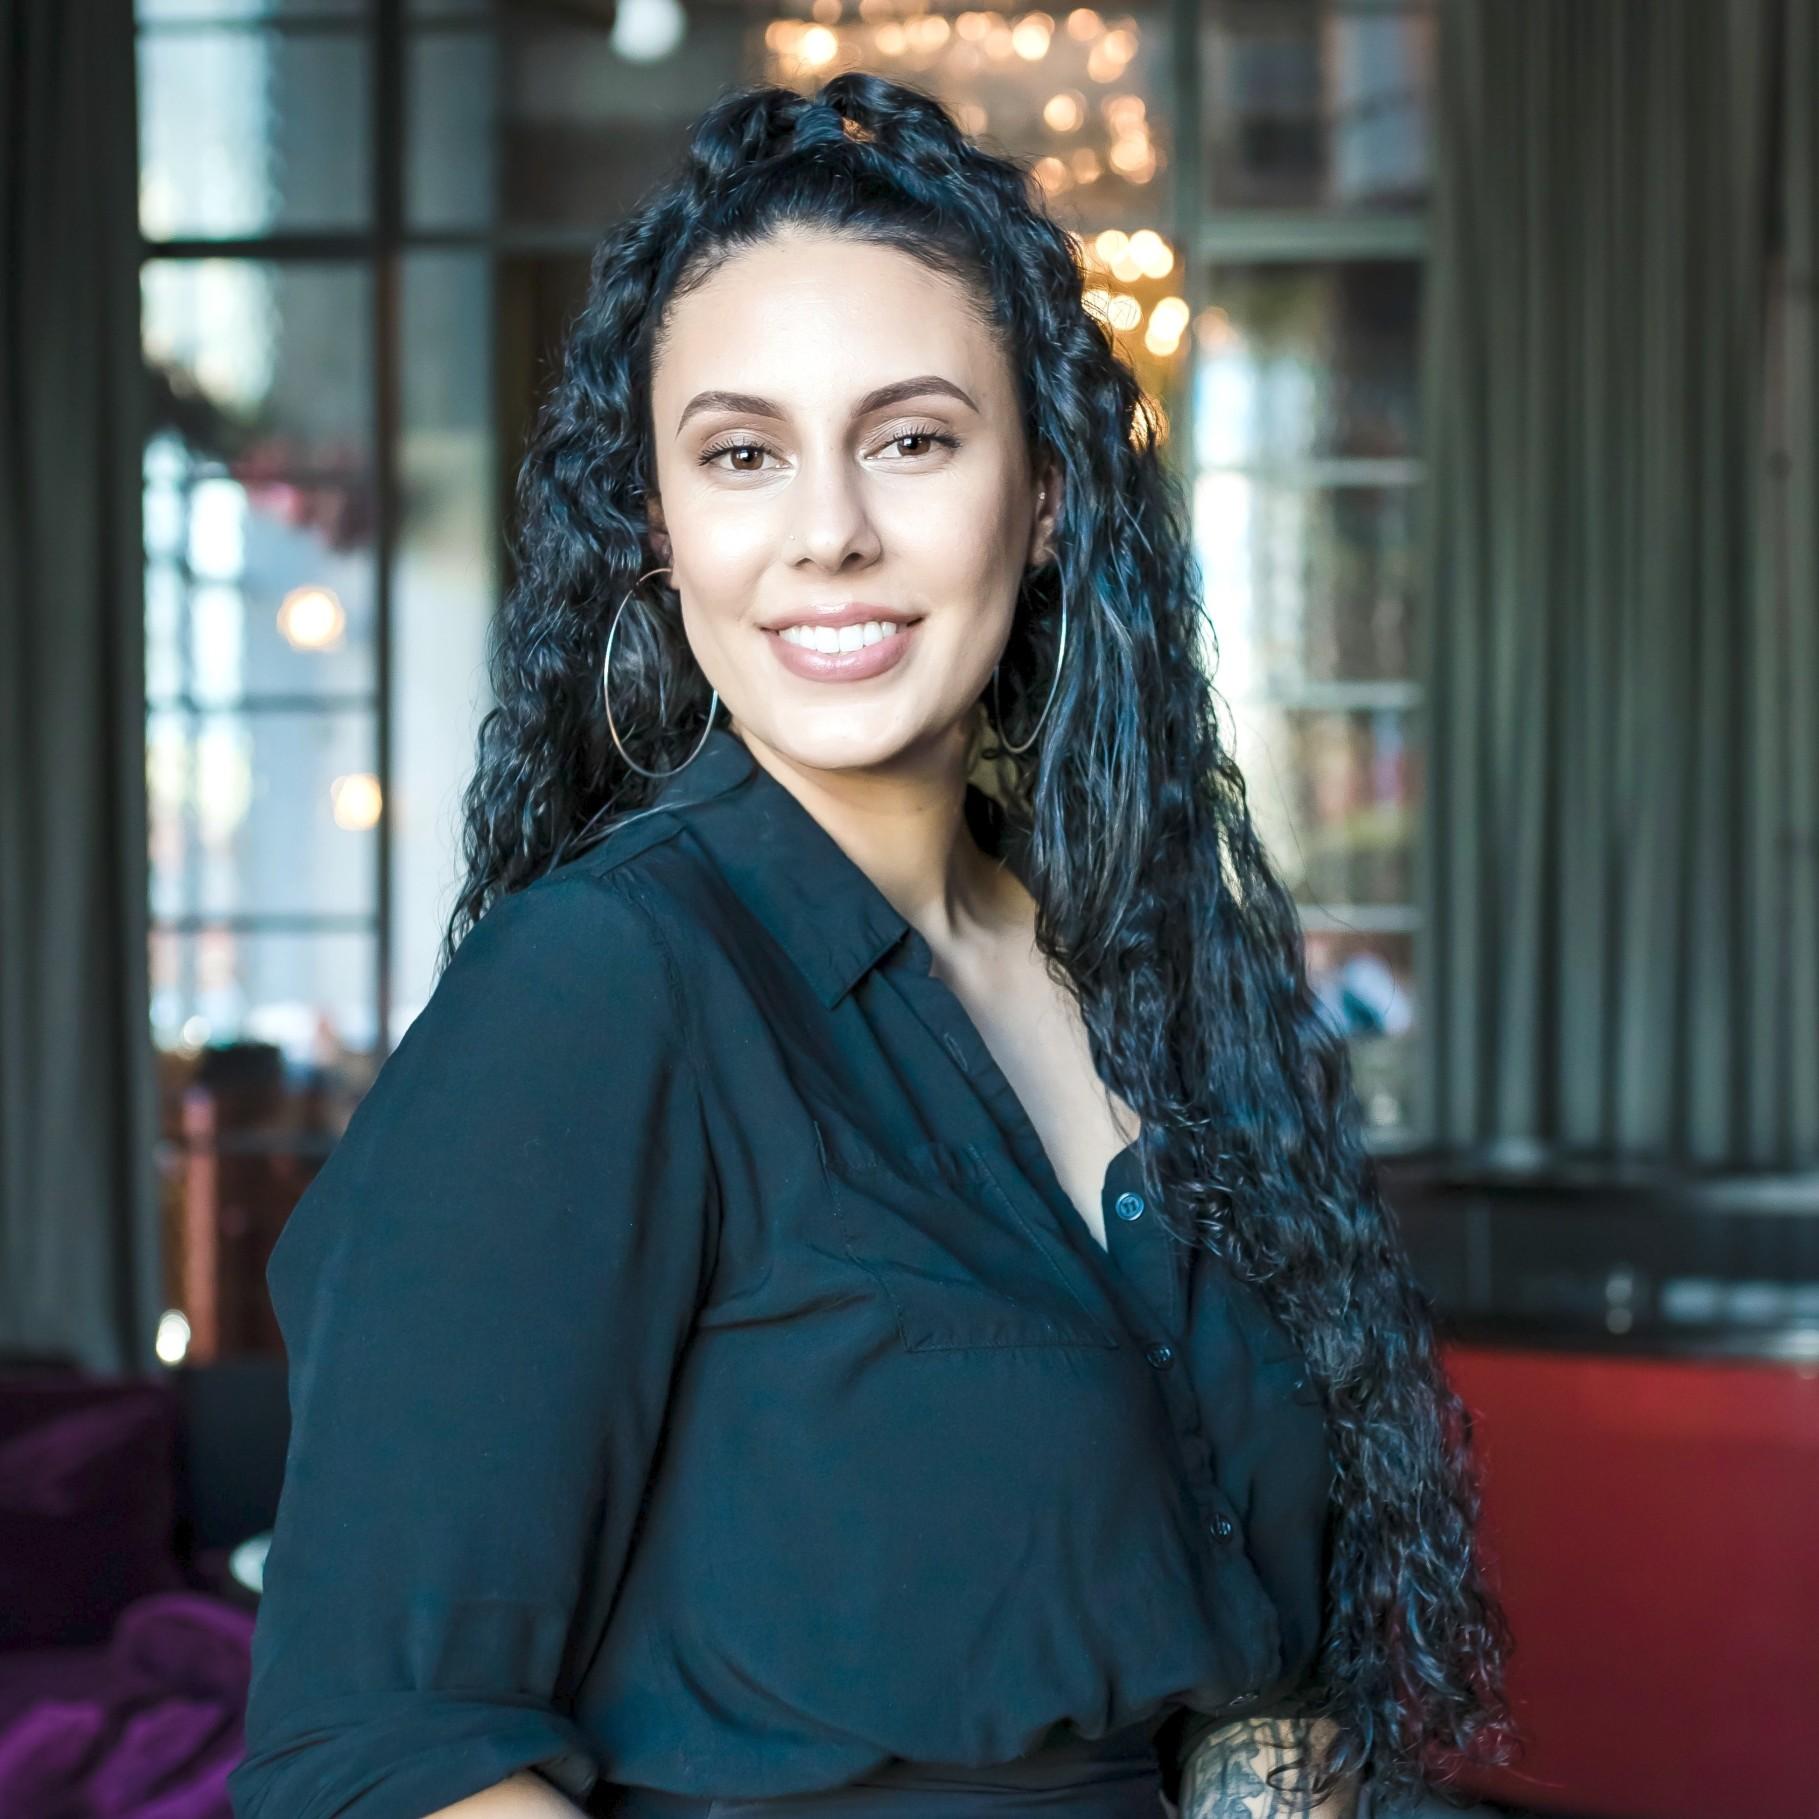 Dominique Berrios